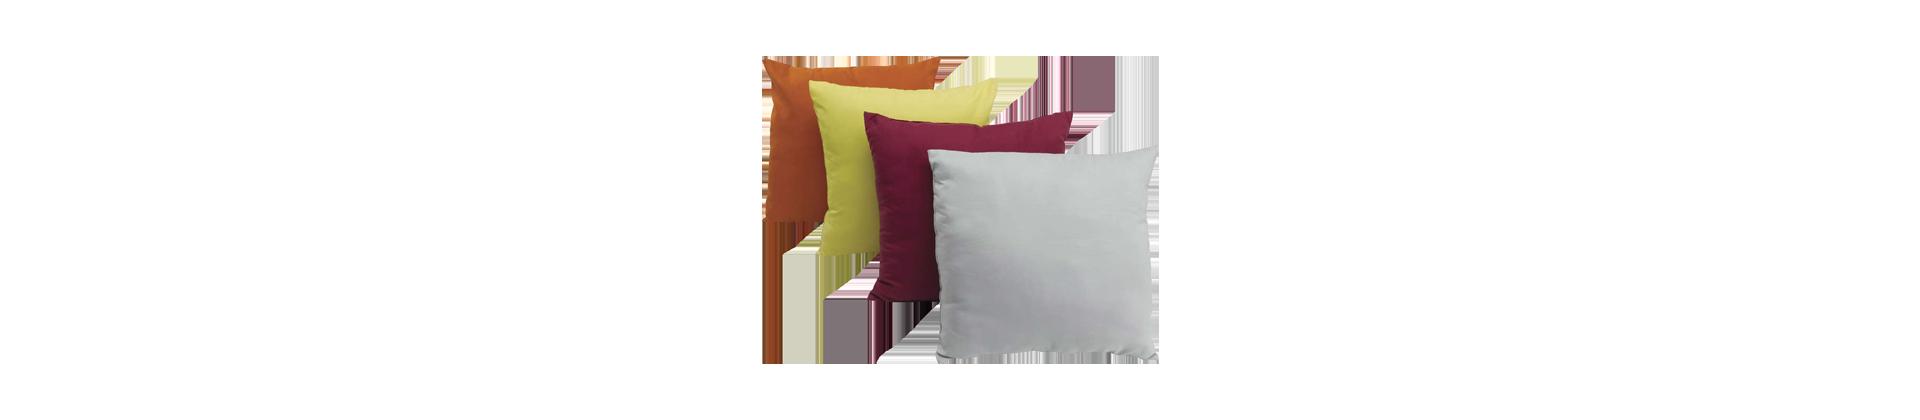 Taies d'oreiller couleurs pour établissements hôteliers